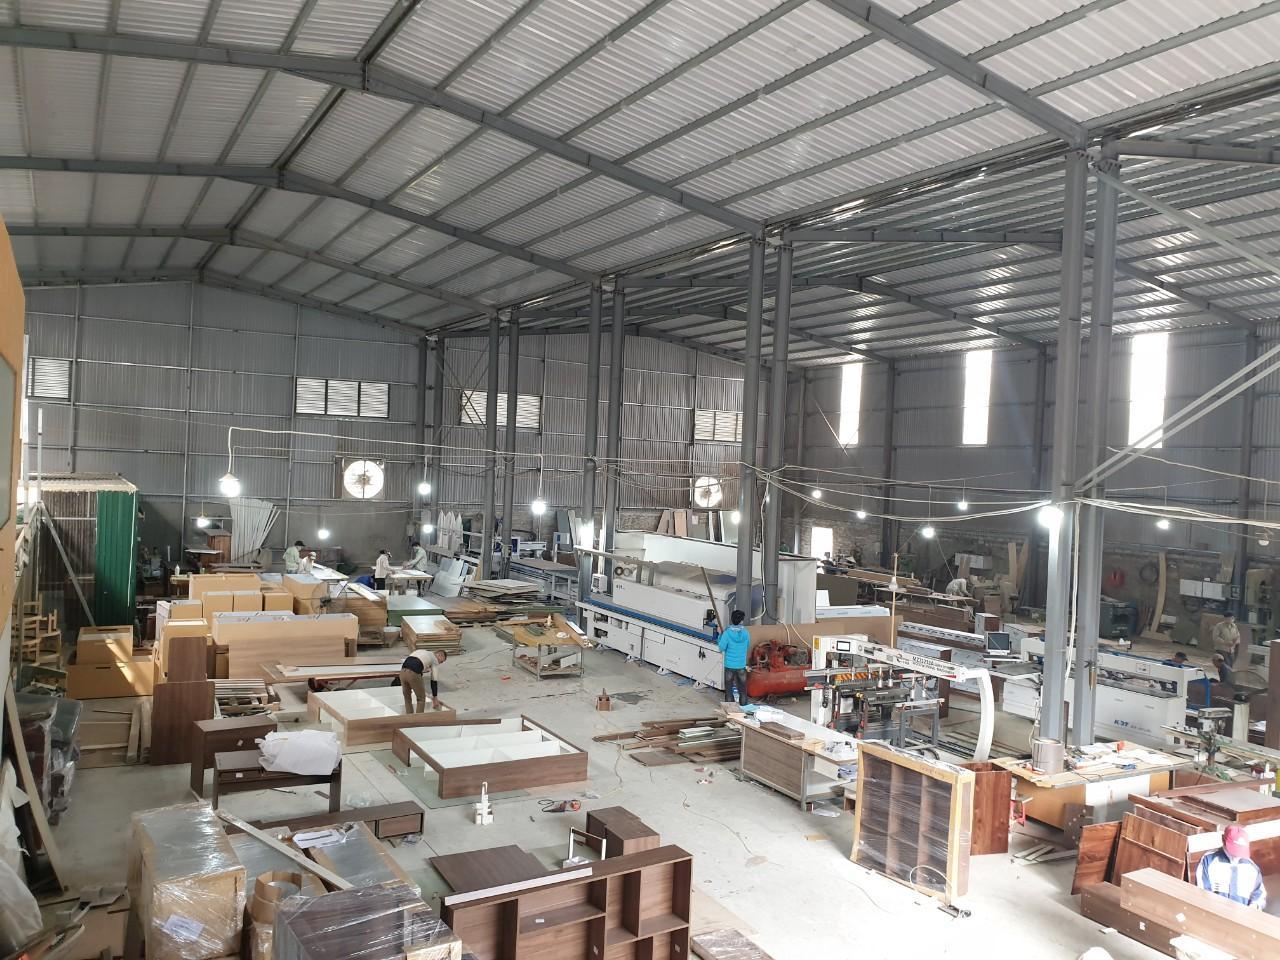 Xưởng sản xuất đồ gỗ nội thất của NaDu Design rộng trên 2000m vuông